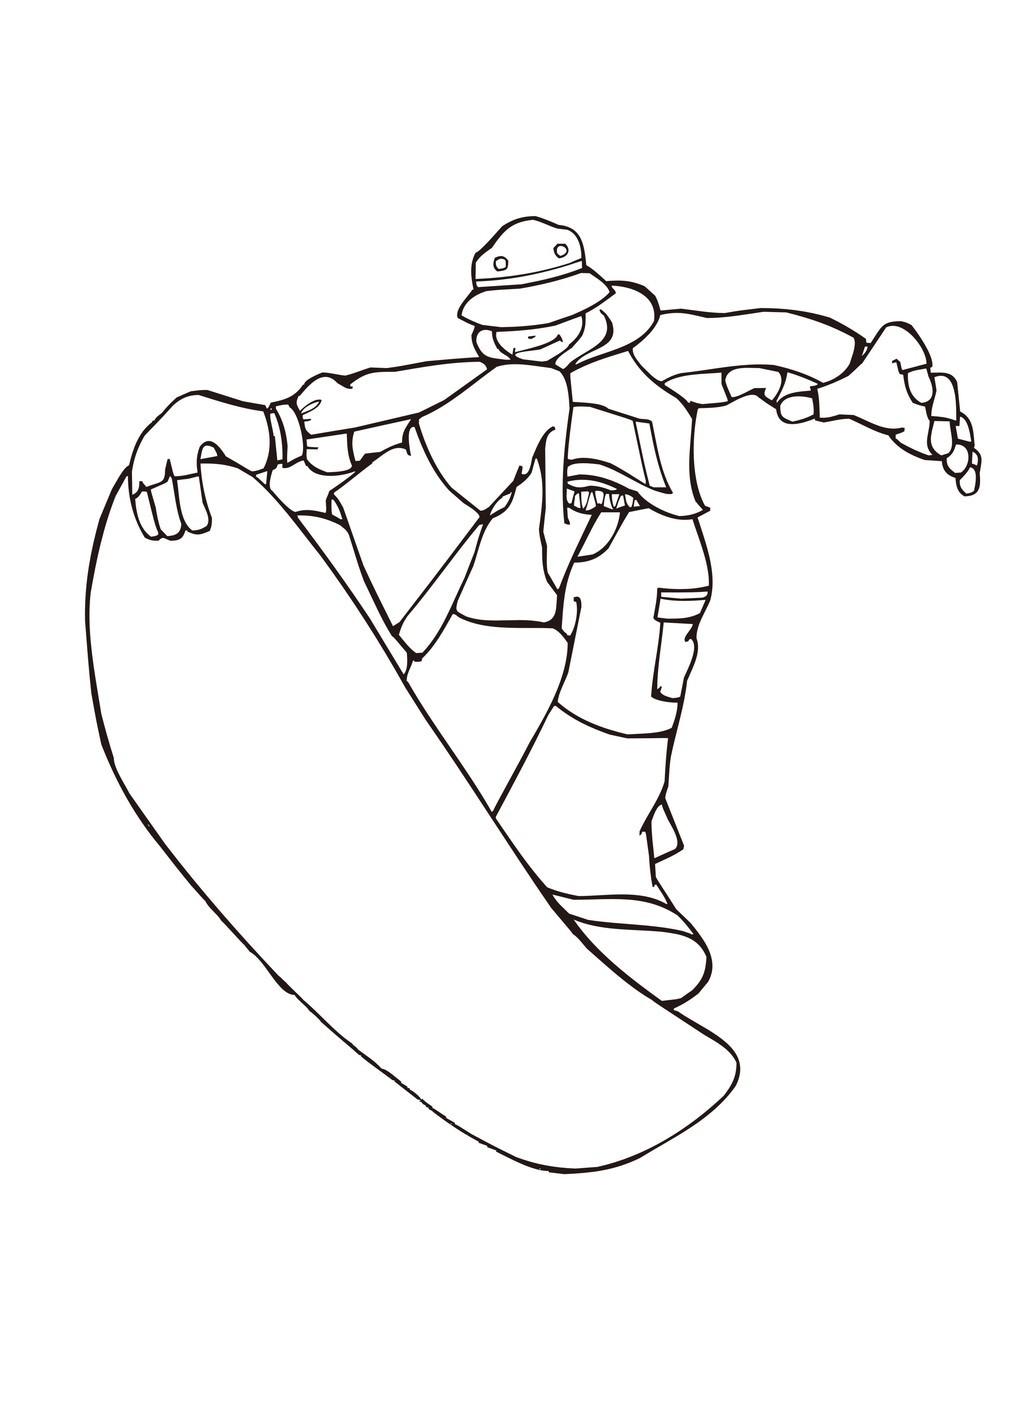 卡通运动人物简笔画滑冰手绘人物图片设计素材 高清其他模板下载 0.29MB 15115528276分享 人物形象大全